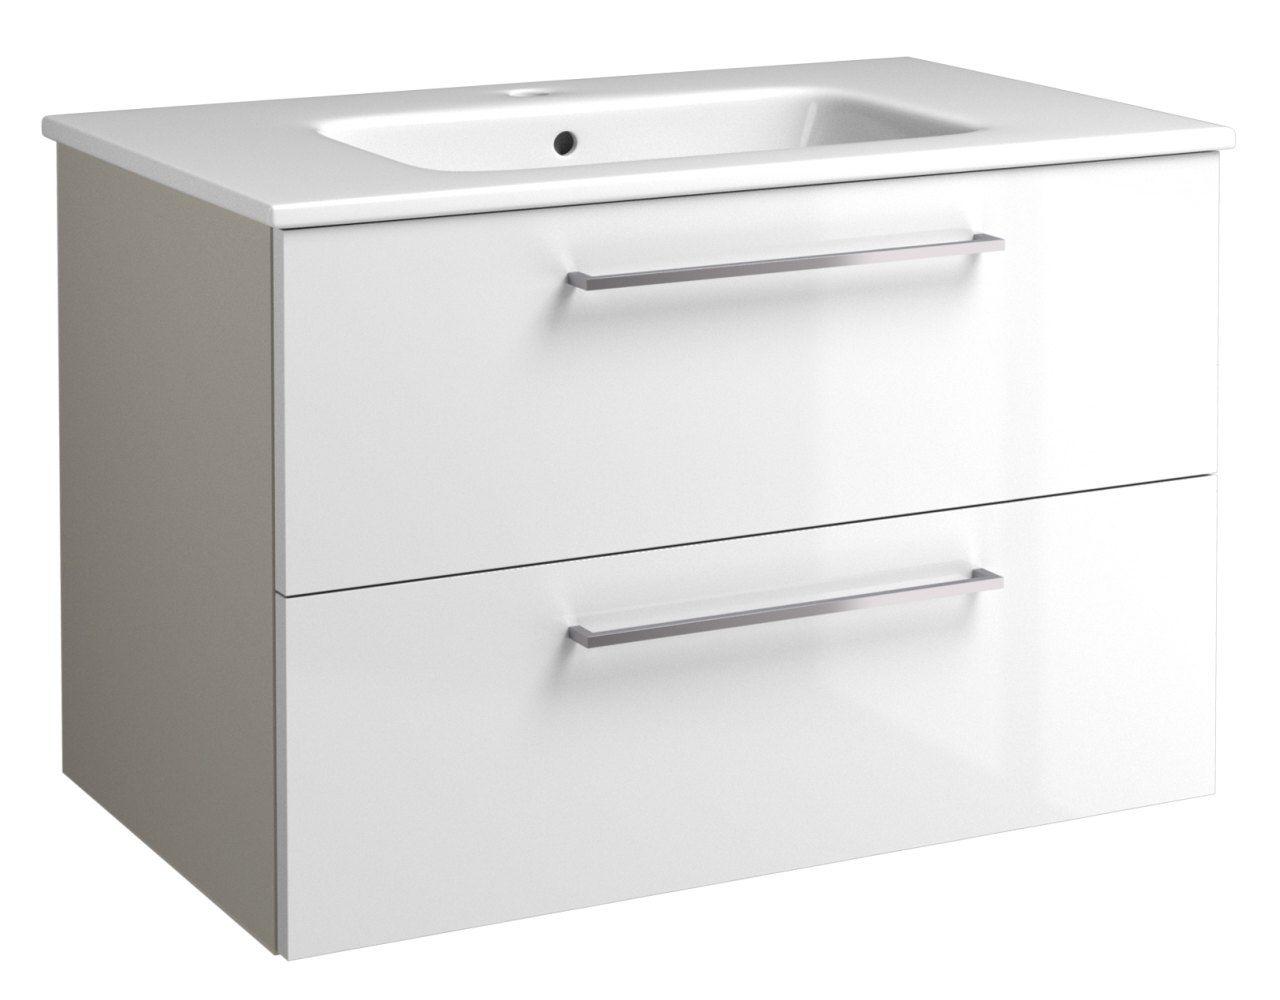 Waschtischunterschrank Noida 14, Farbe: Beige / Weiß glänzend – 50 x 76 x 46 cm (H x B x T)